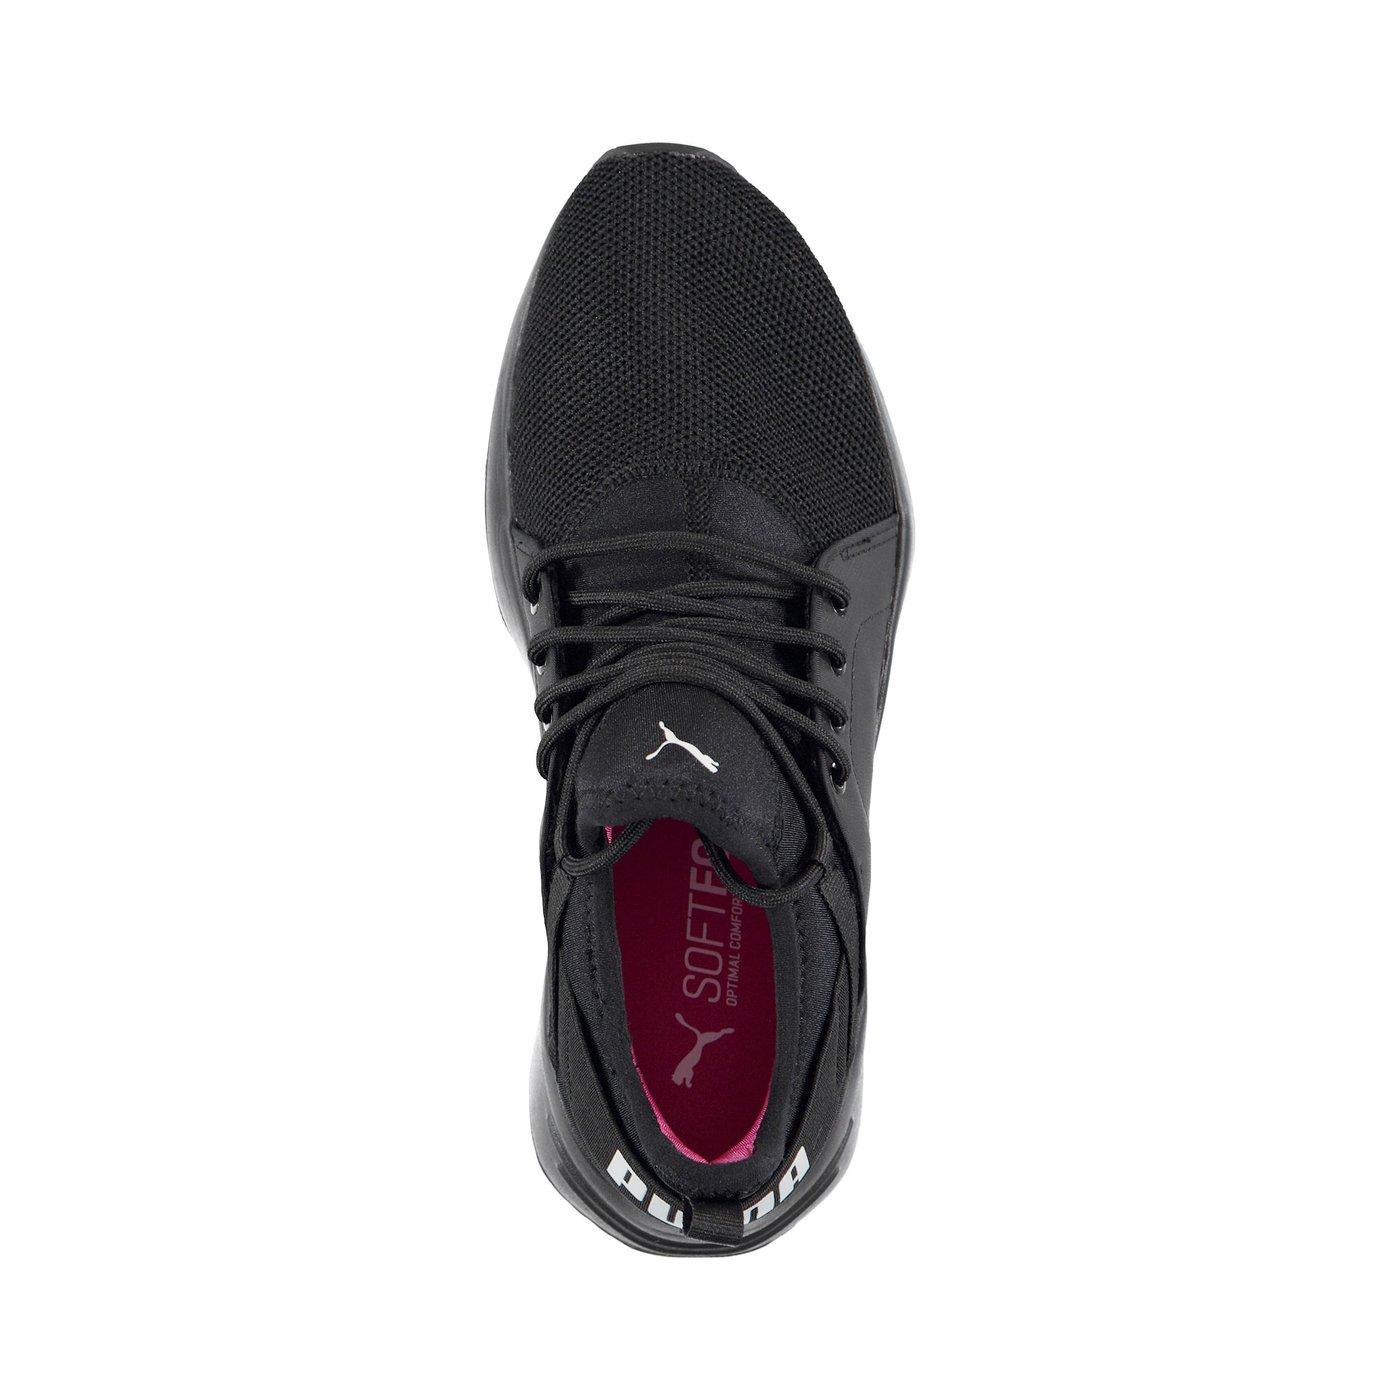 Puma Sirena Kadın Siyah Spor Ayakkabı